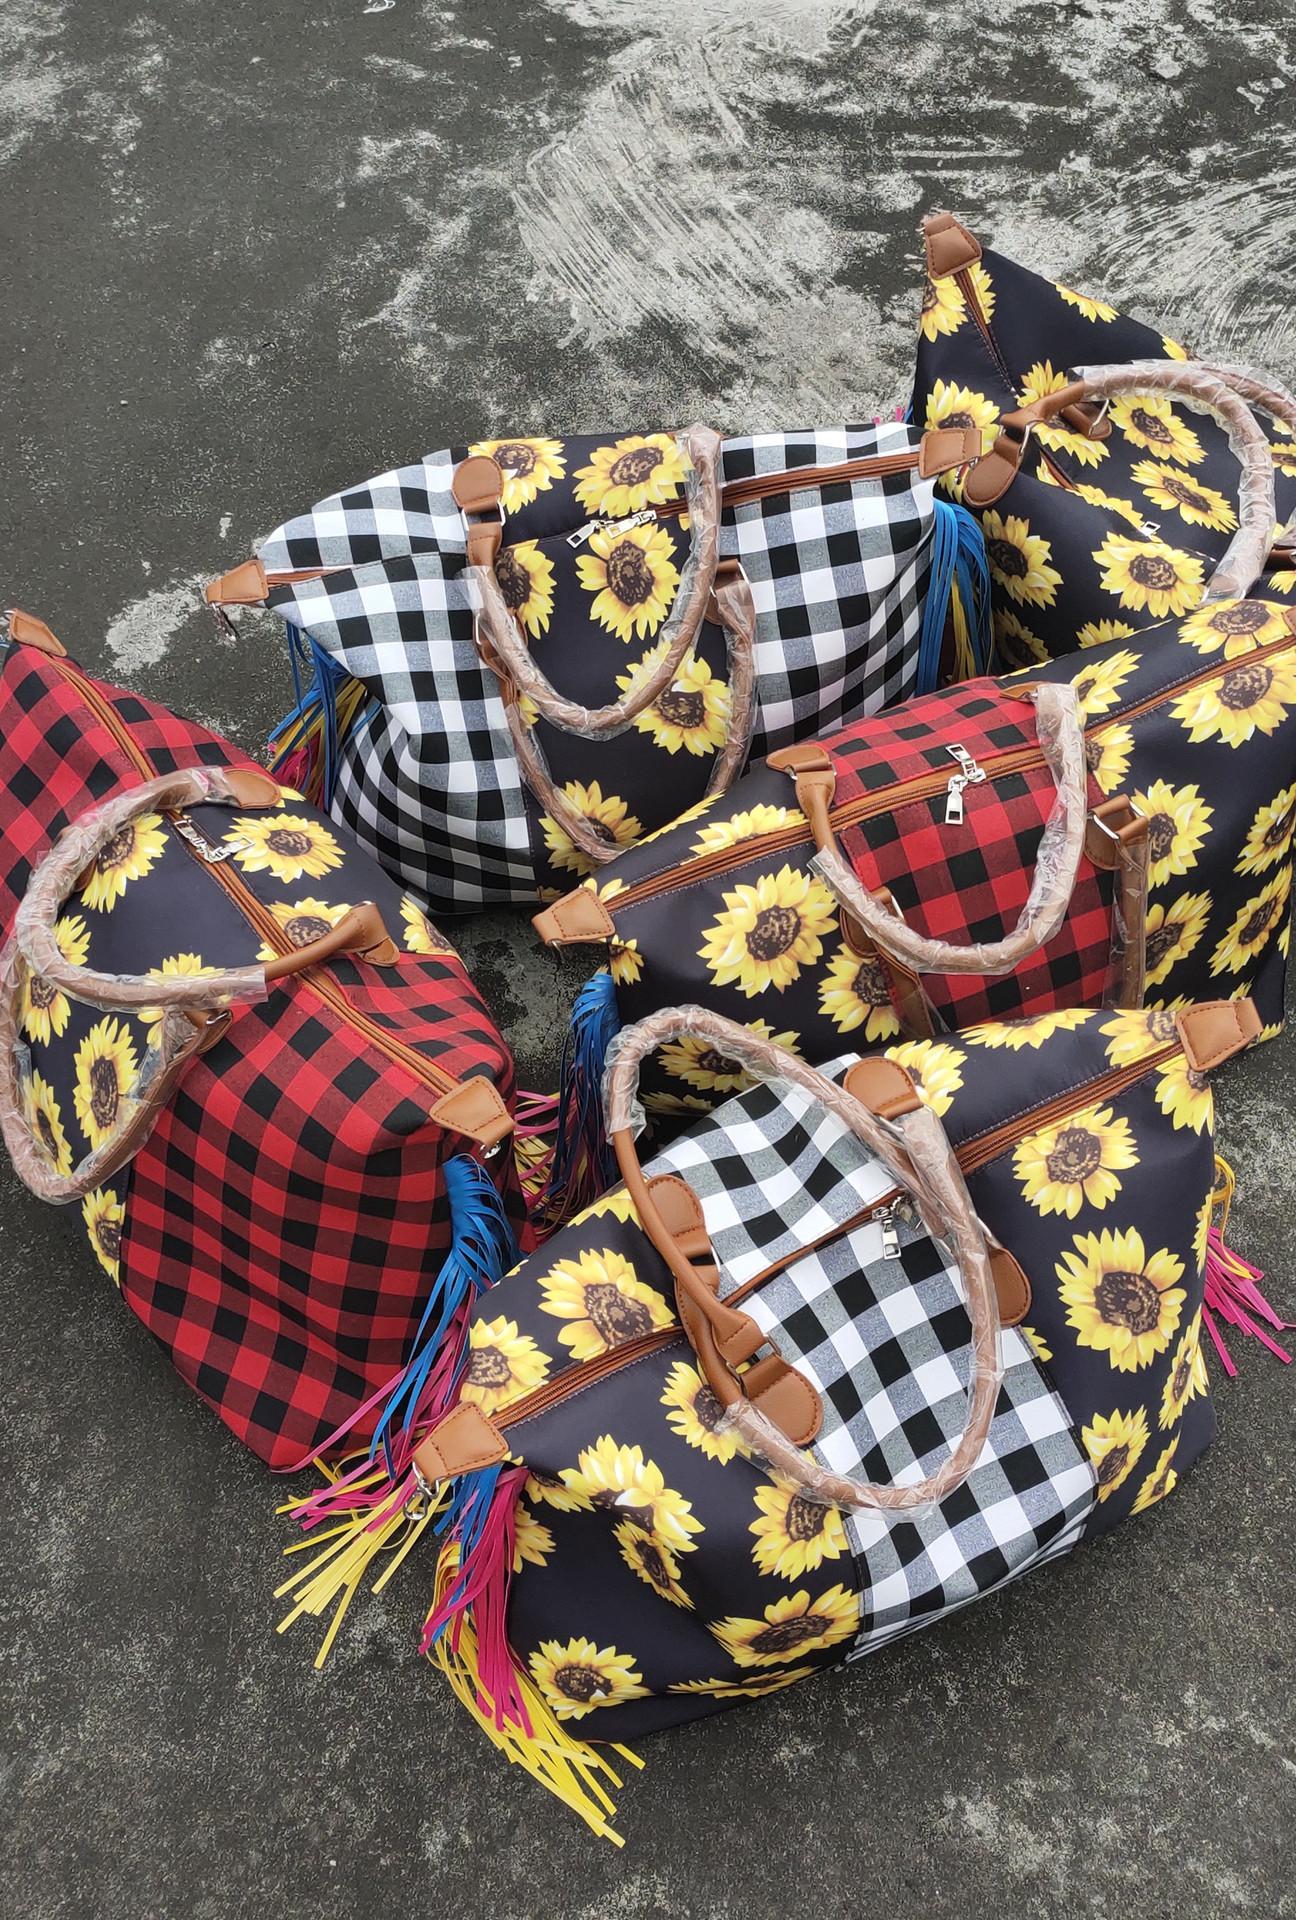 Les femmes de cadeau de Noël Leopard Weekender sac avec poignée en cuir sac à main à carreaux de buffle patchwork tie dye pompon